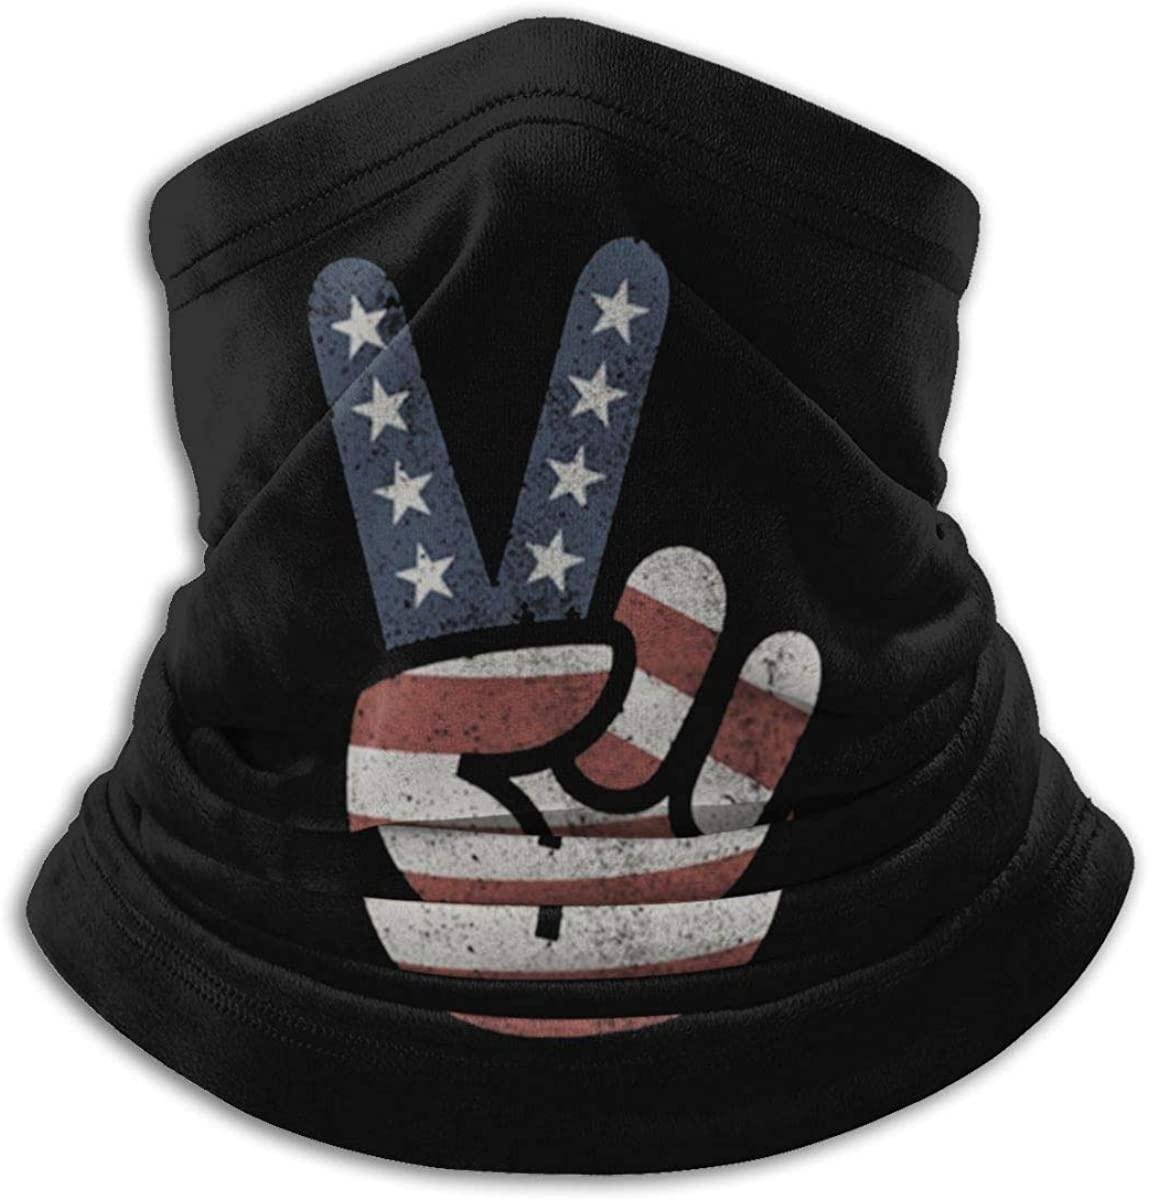 Vintage American Flag Peace Sign USA Neck Warm Scarf Outdoor Reusable Face Mask Bandana